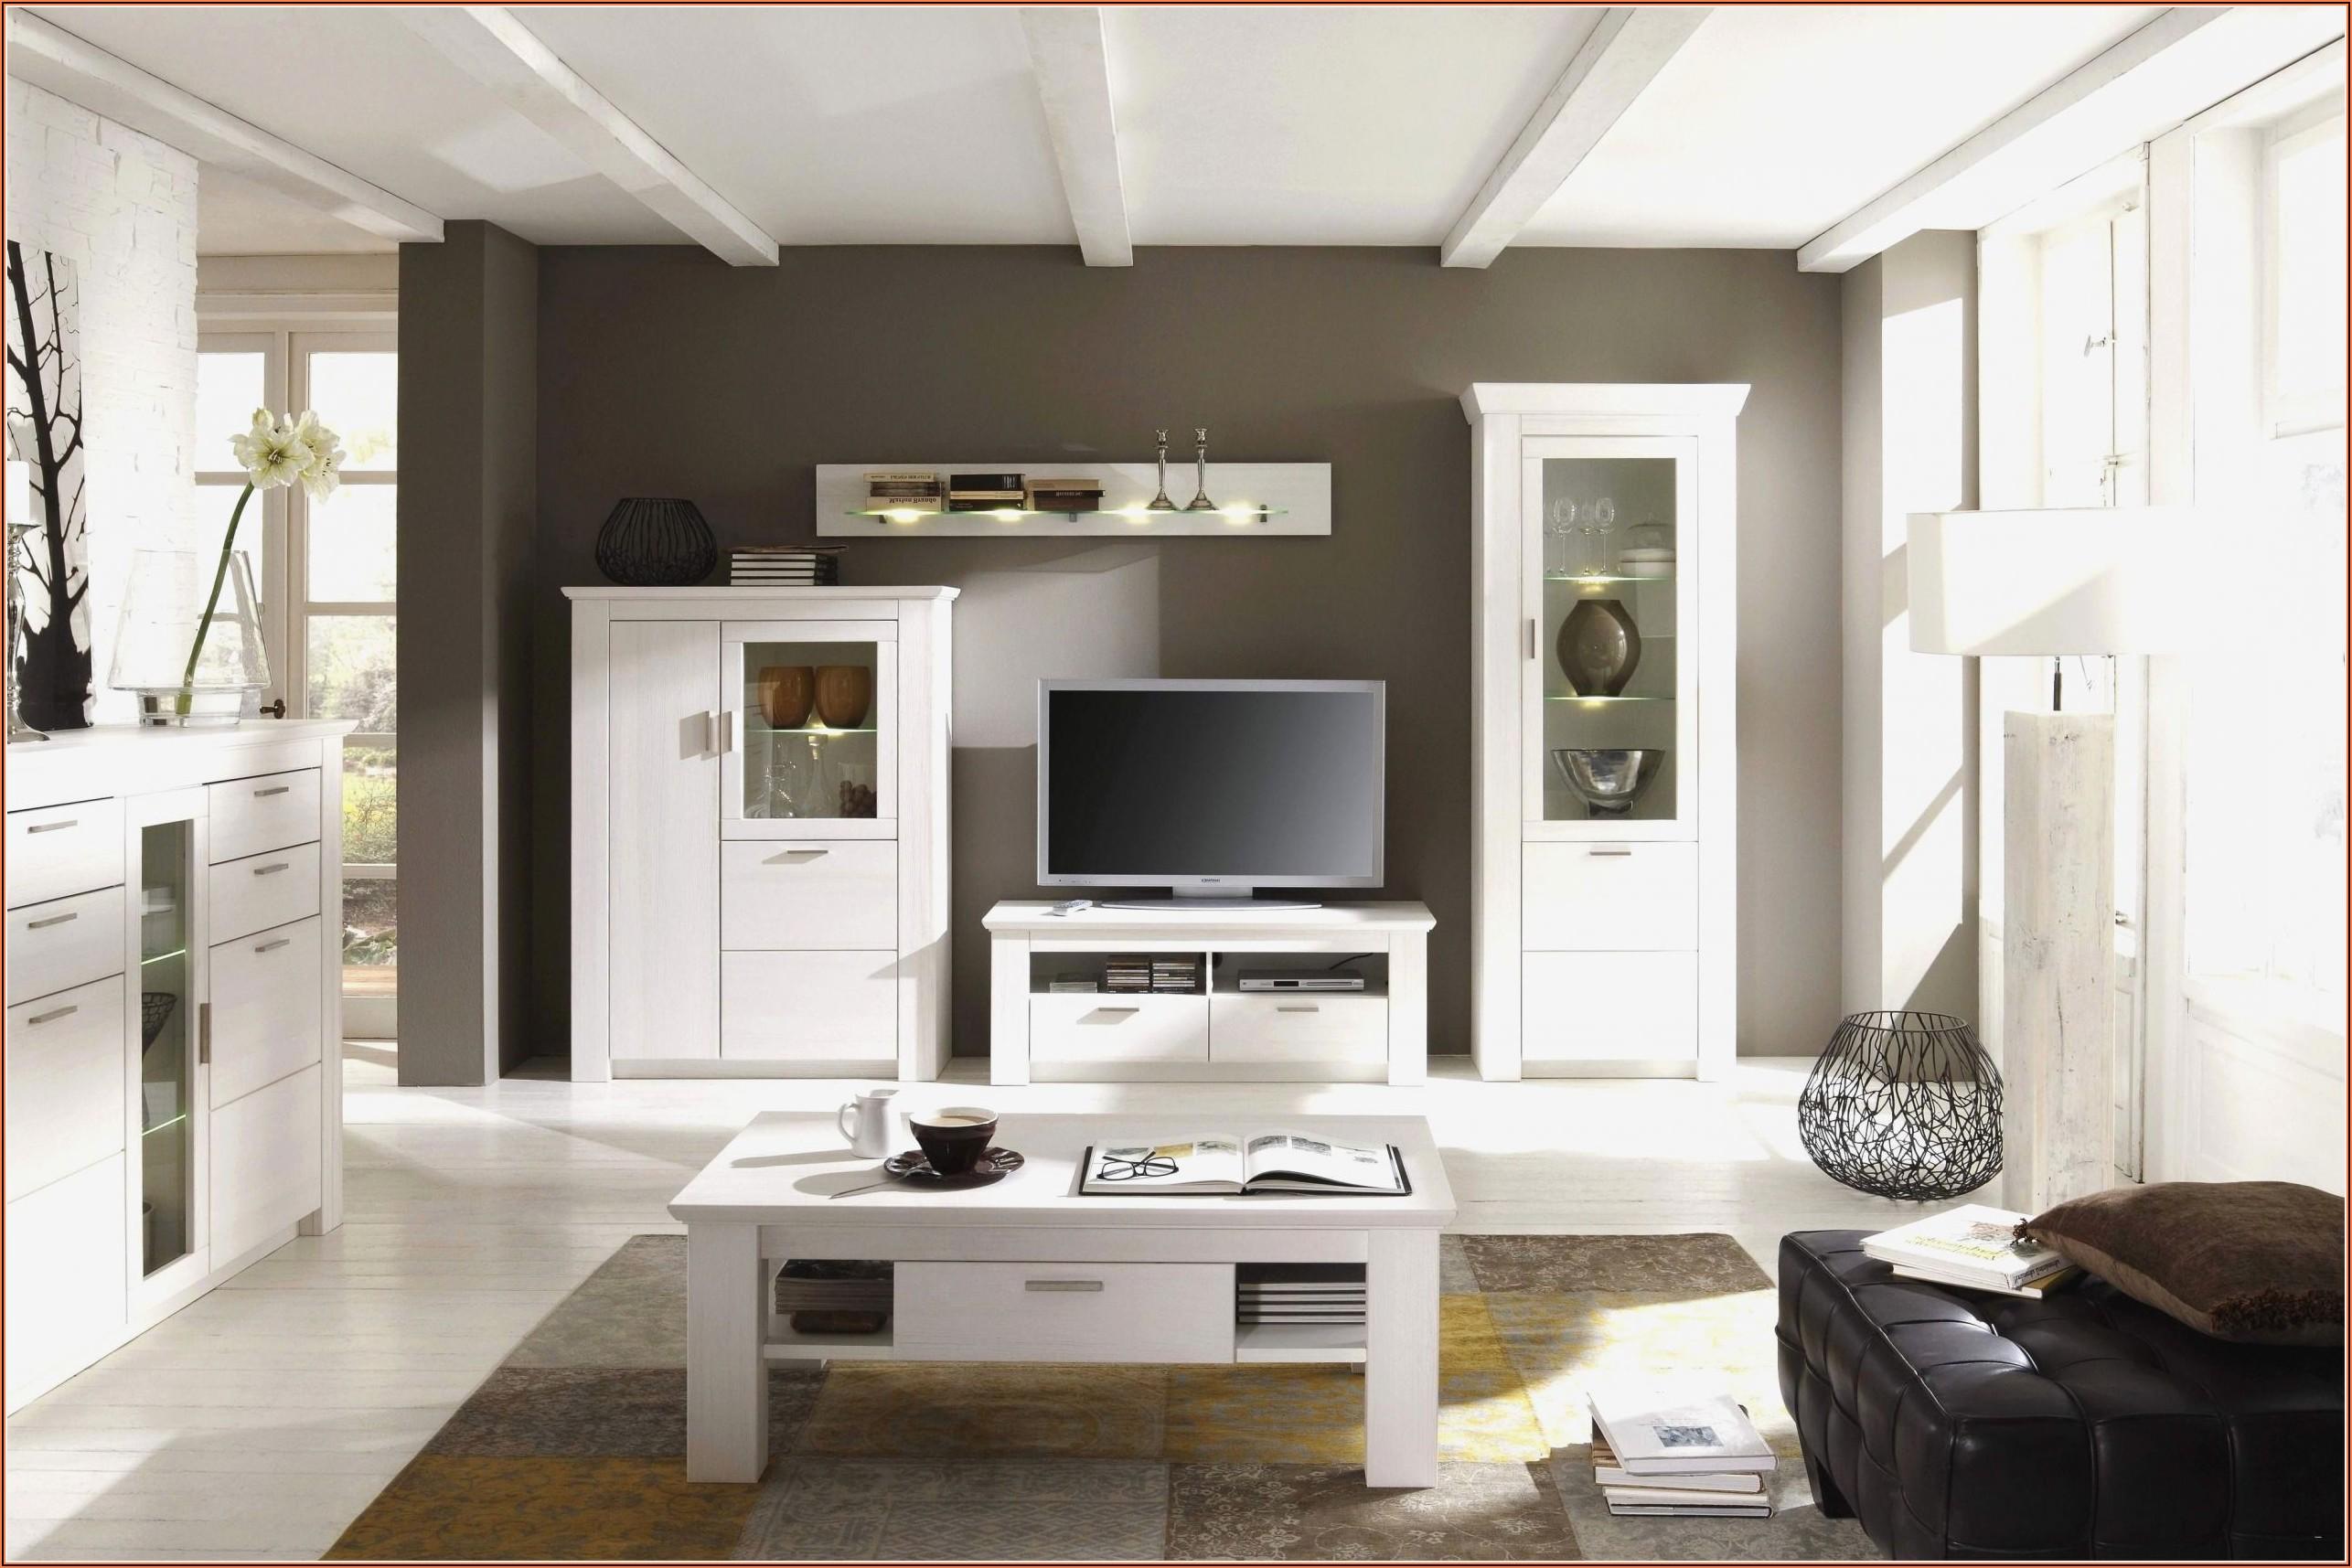 Bilder Wohnzimmer Fachwerkhaus